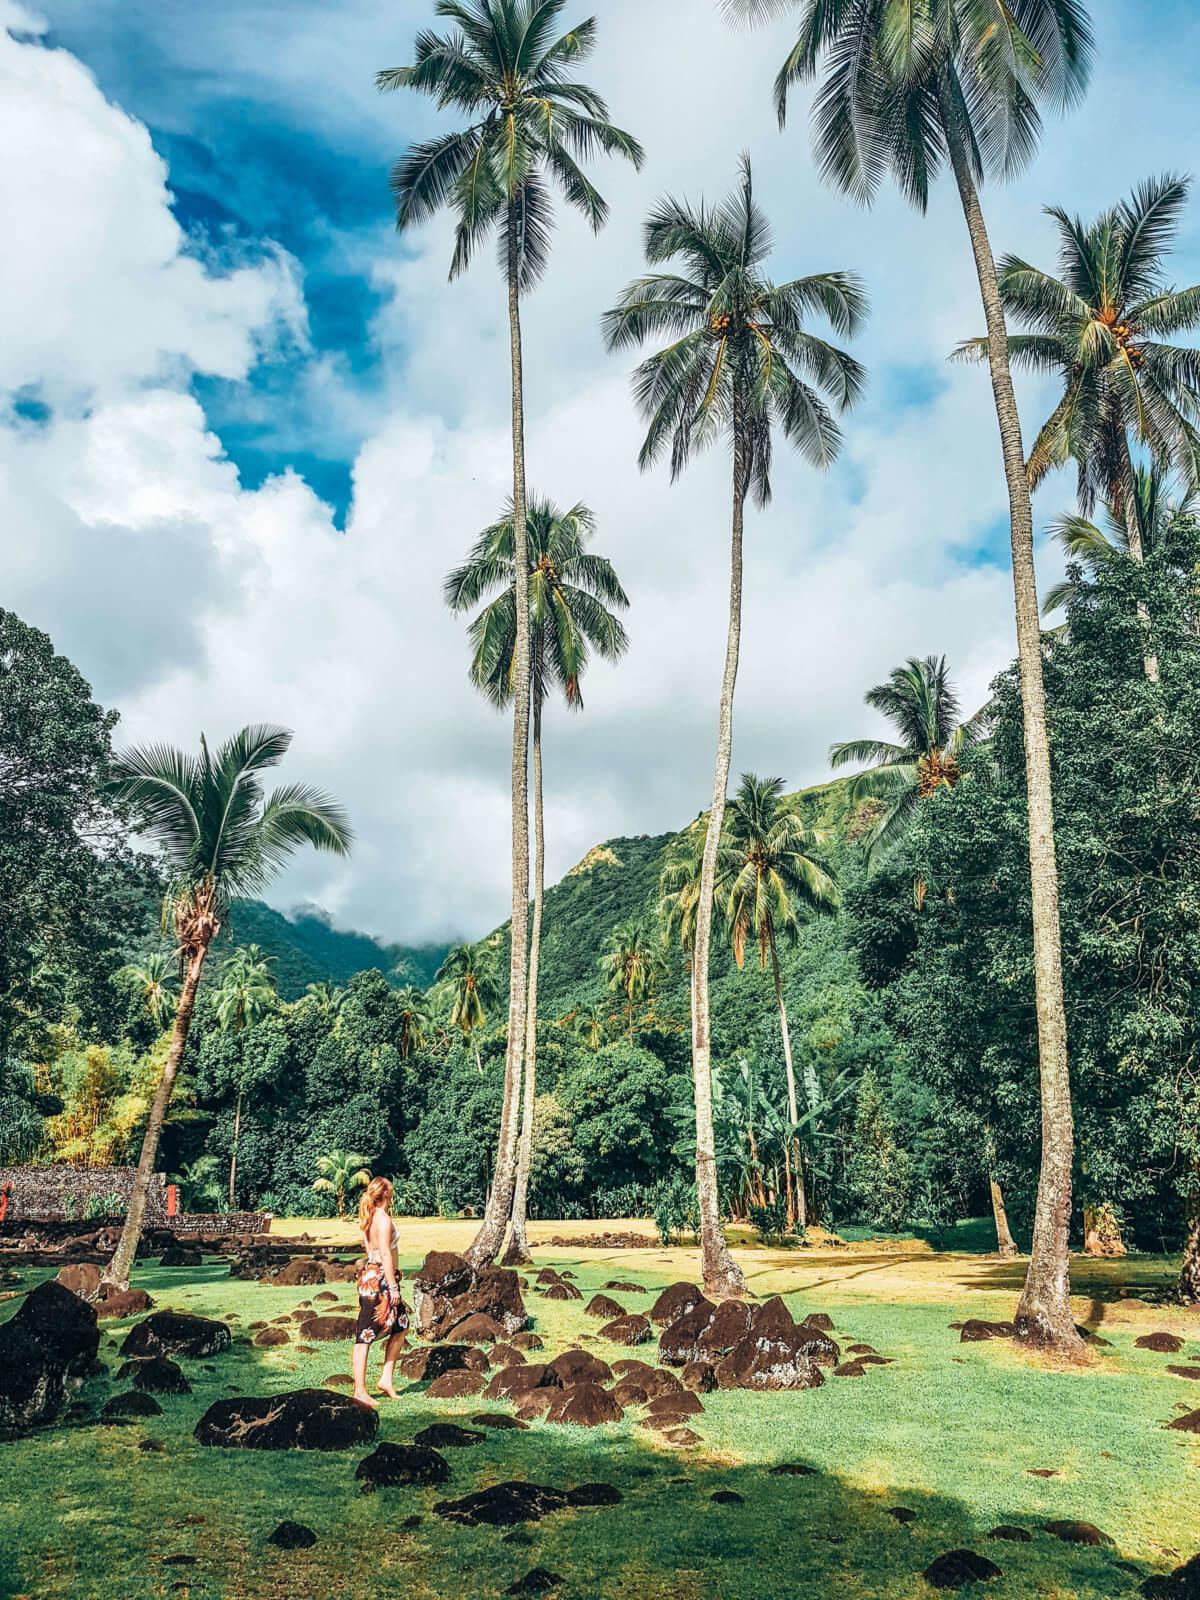 Budget pour vivre-Tahiti- Polynésie Française-La revue de Kathleen-Blog-Lifestyle-voyage-Paris